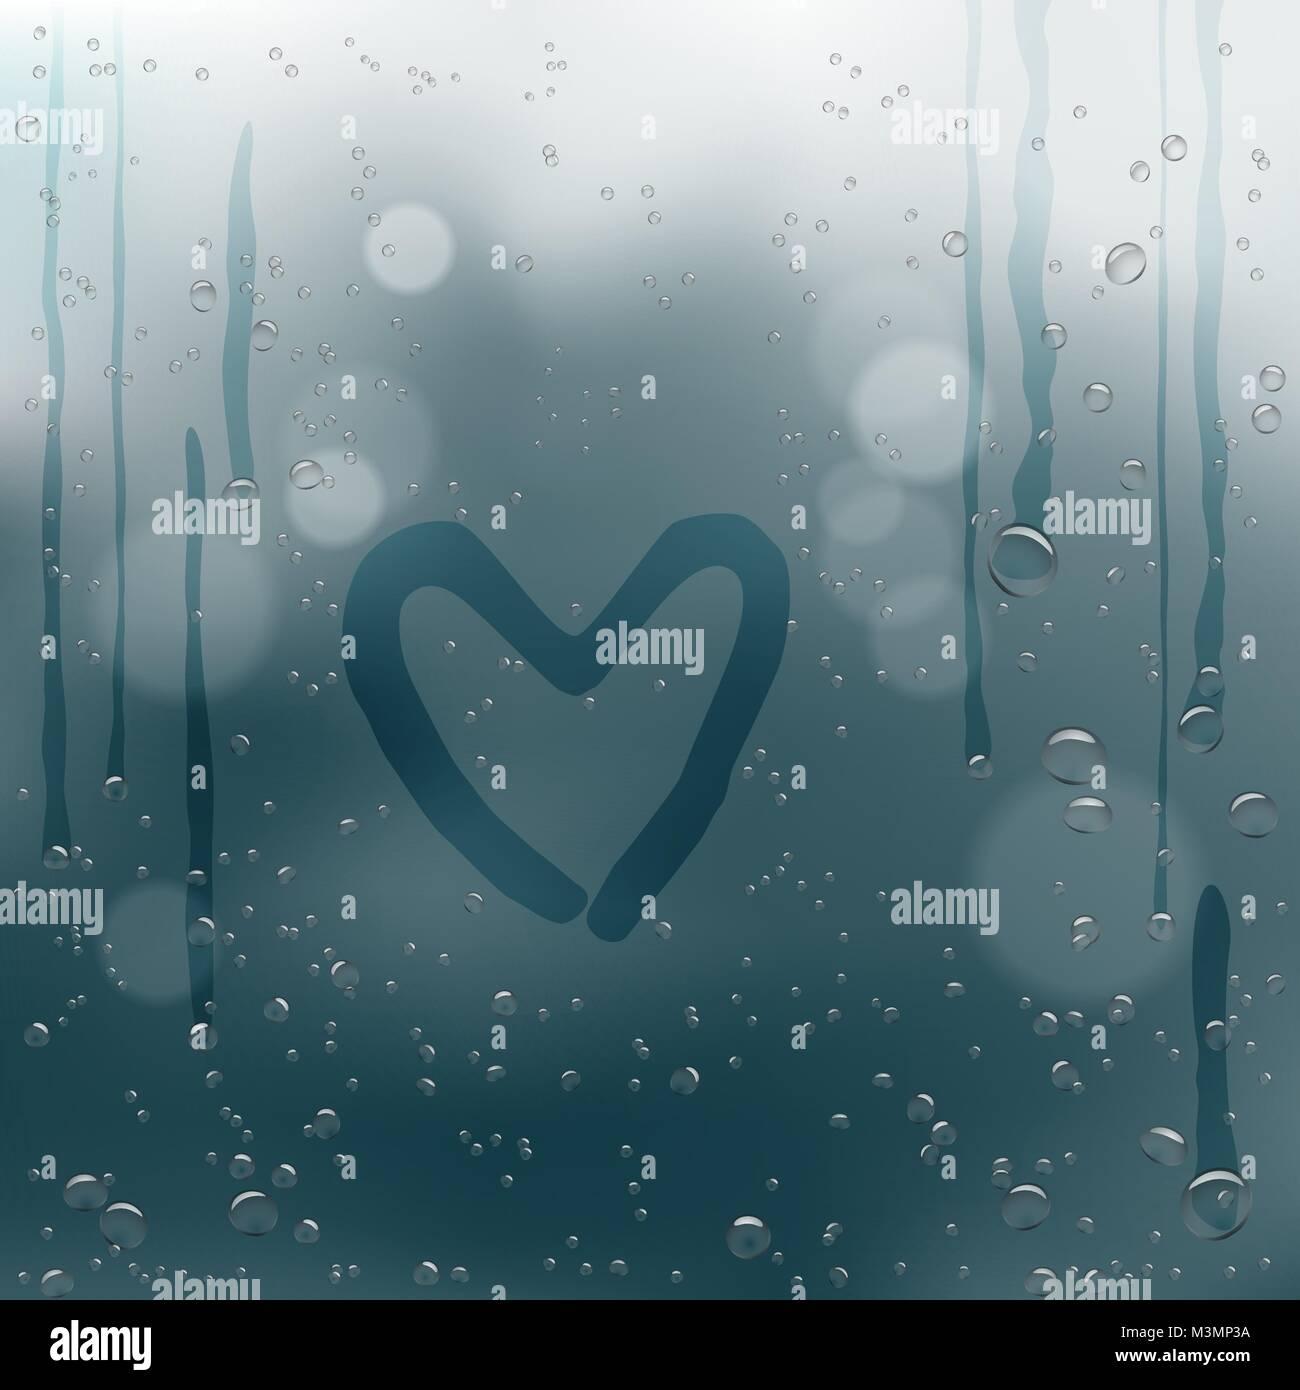 Disegnare il cuore sulla pioggia di gocce di acqua bokeh di fondo Immagini Stock